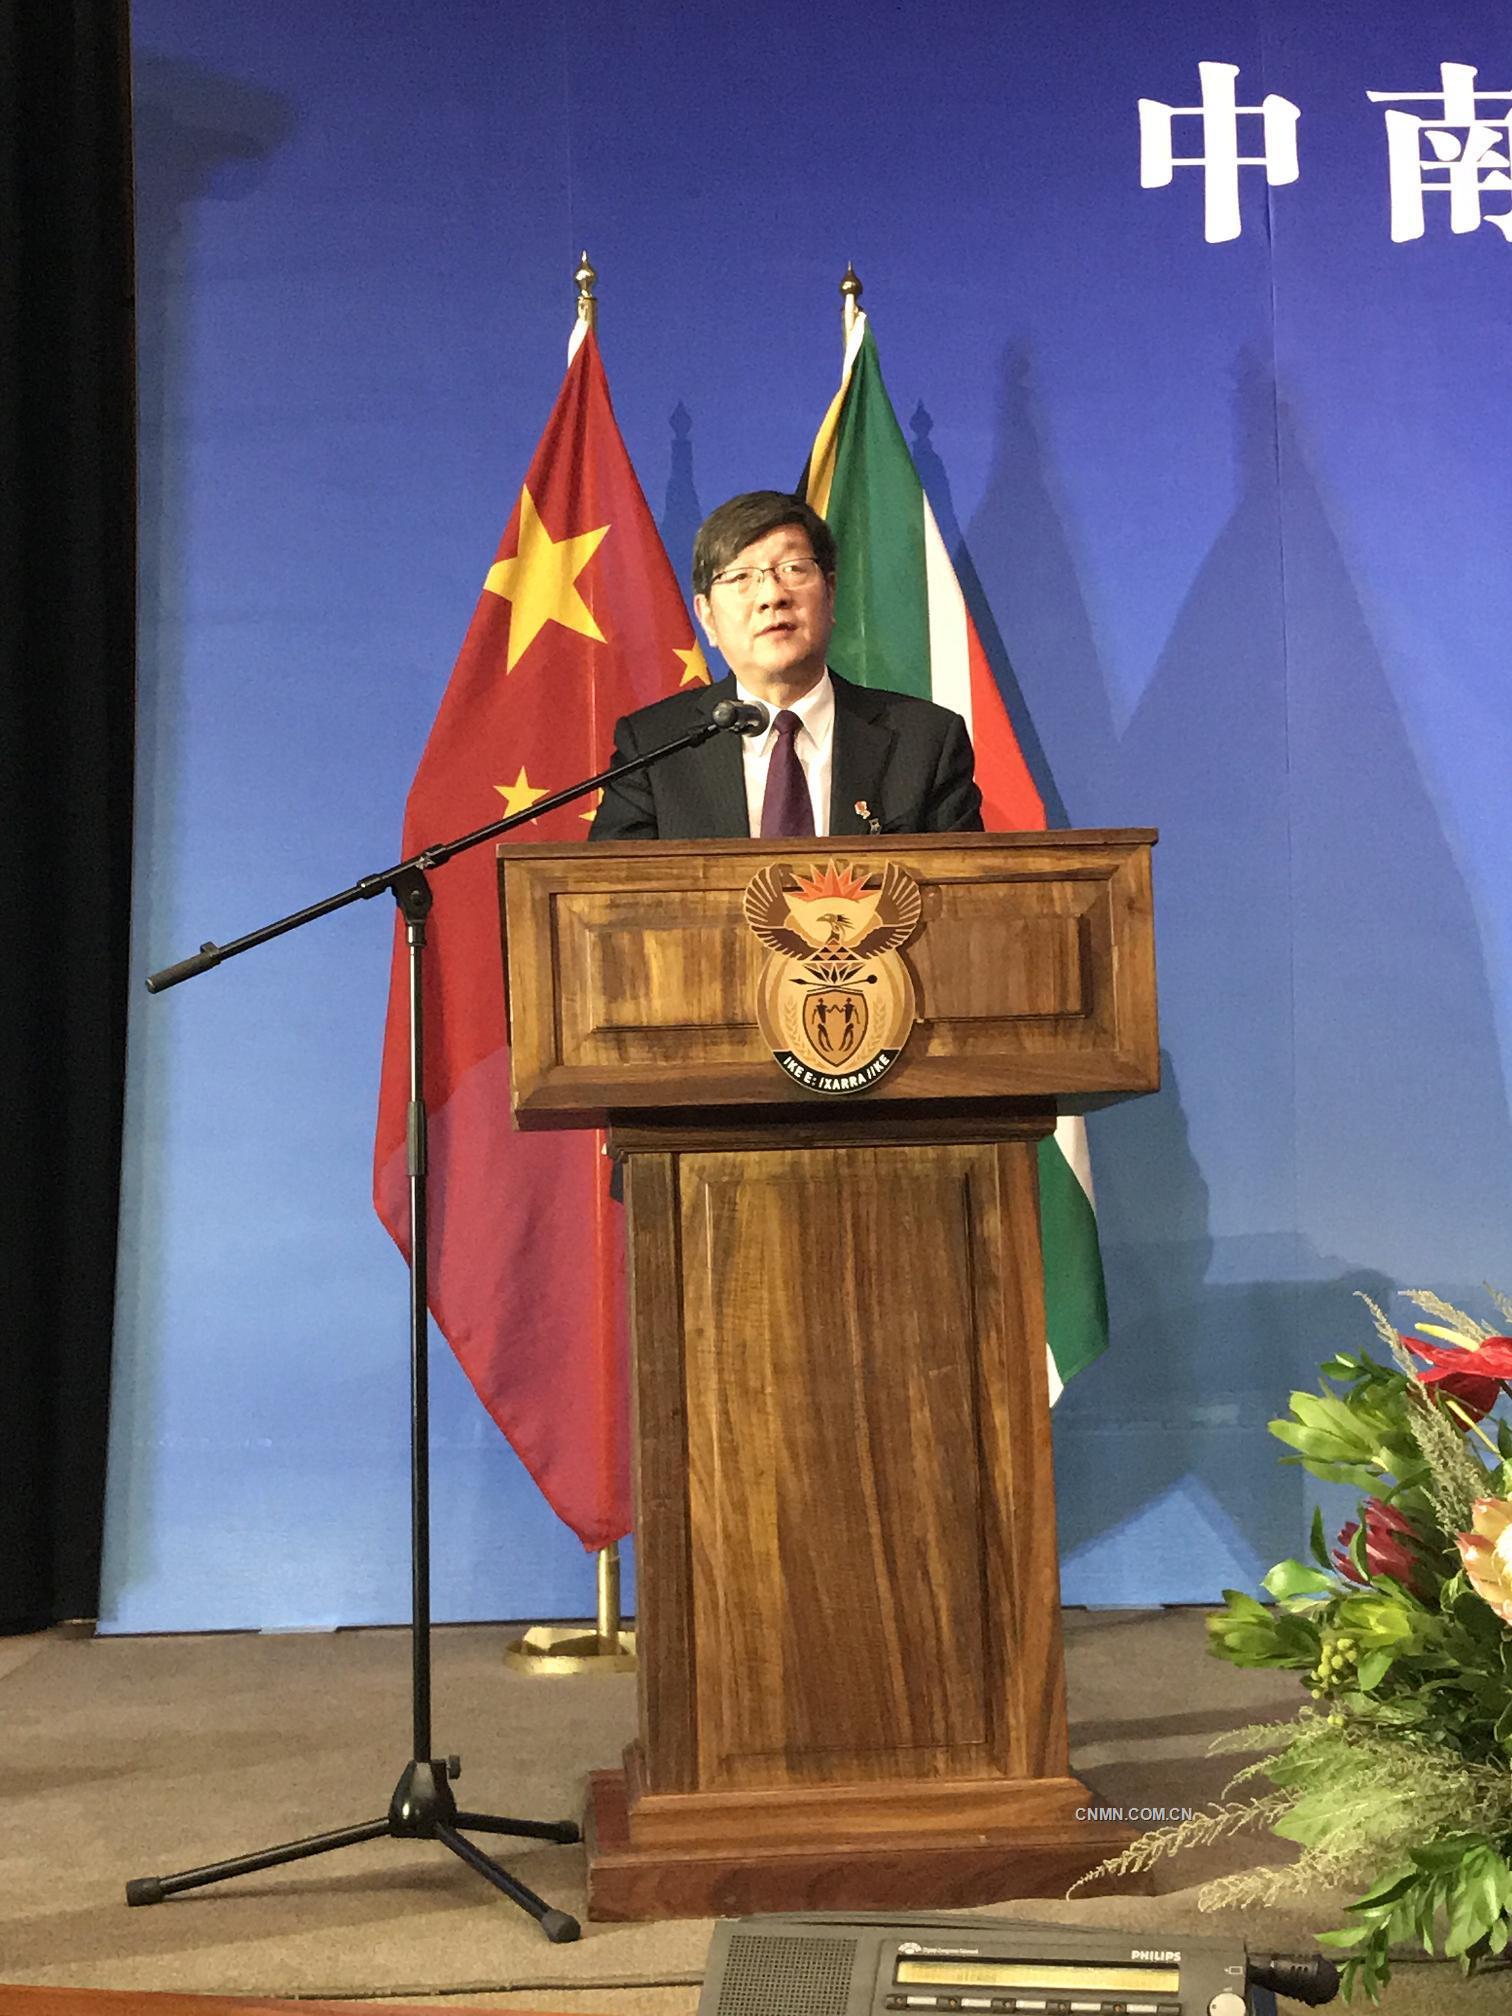 矿冶集团党委书记、董事长夏晓鸥作为发言嘉宾出席中南科学家高级别对话会并做专题报告